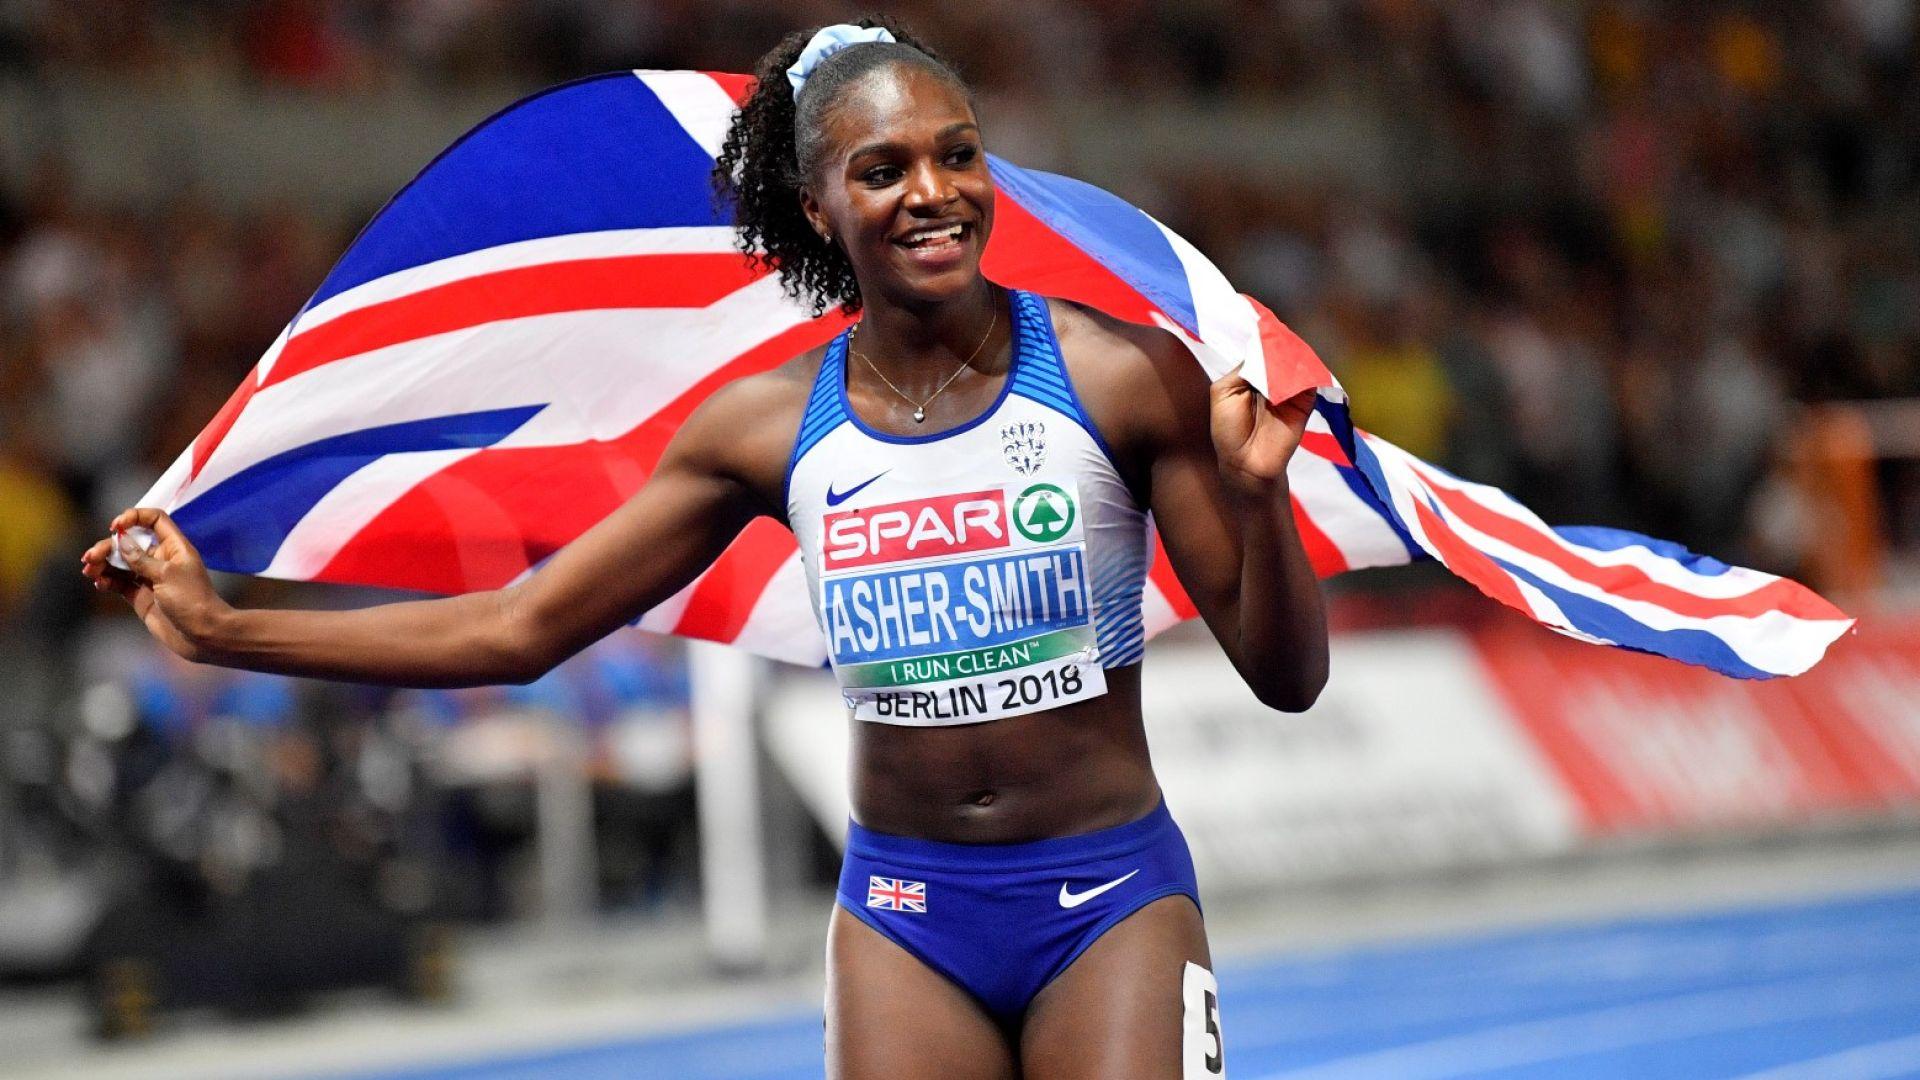 Британка се изстреля с рекорд в спринта на Европейското (обзор)